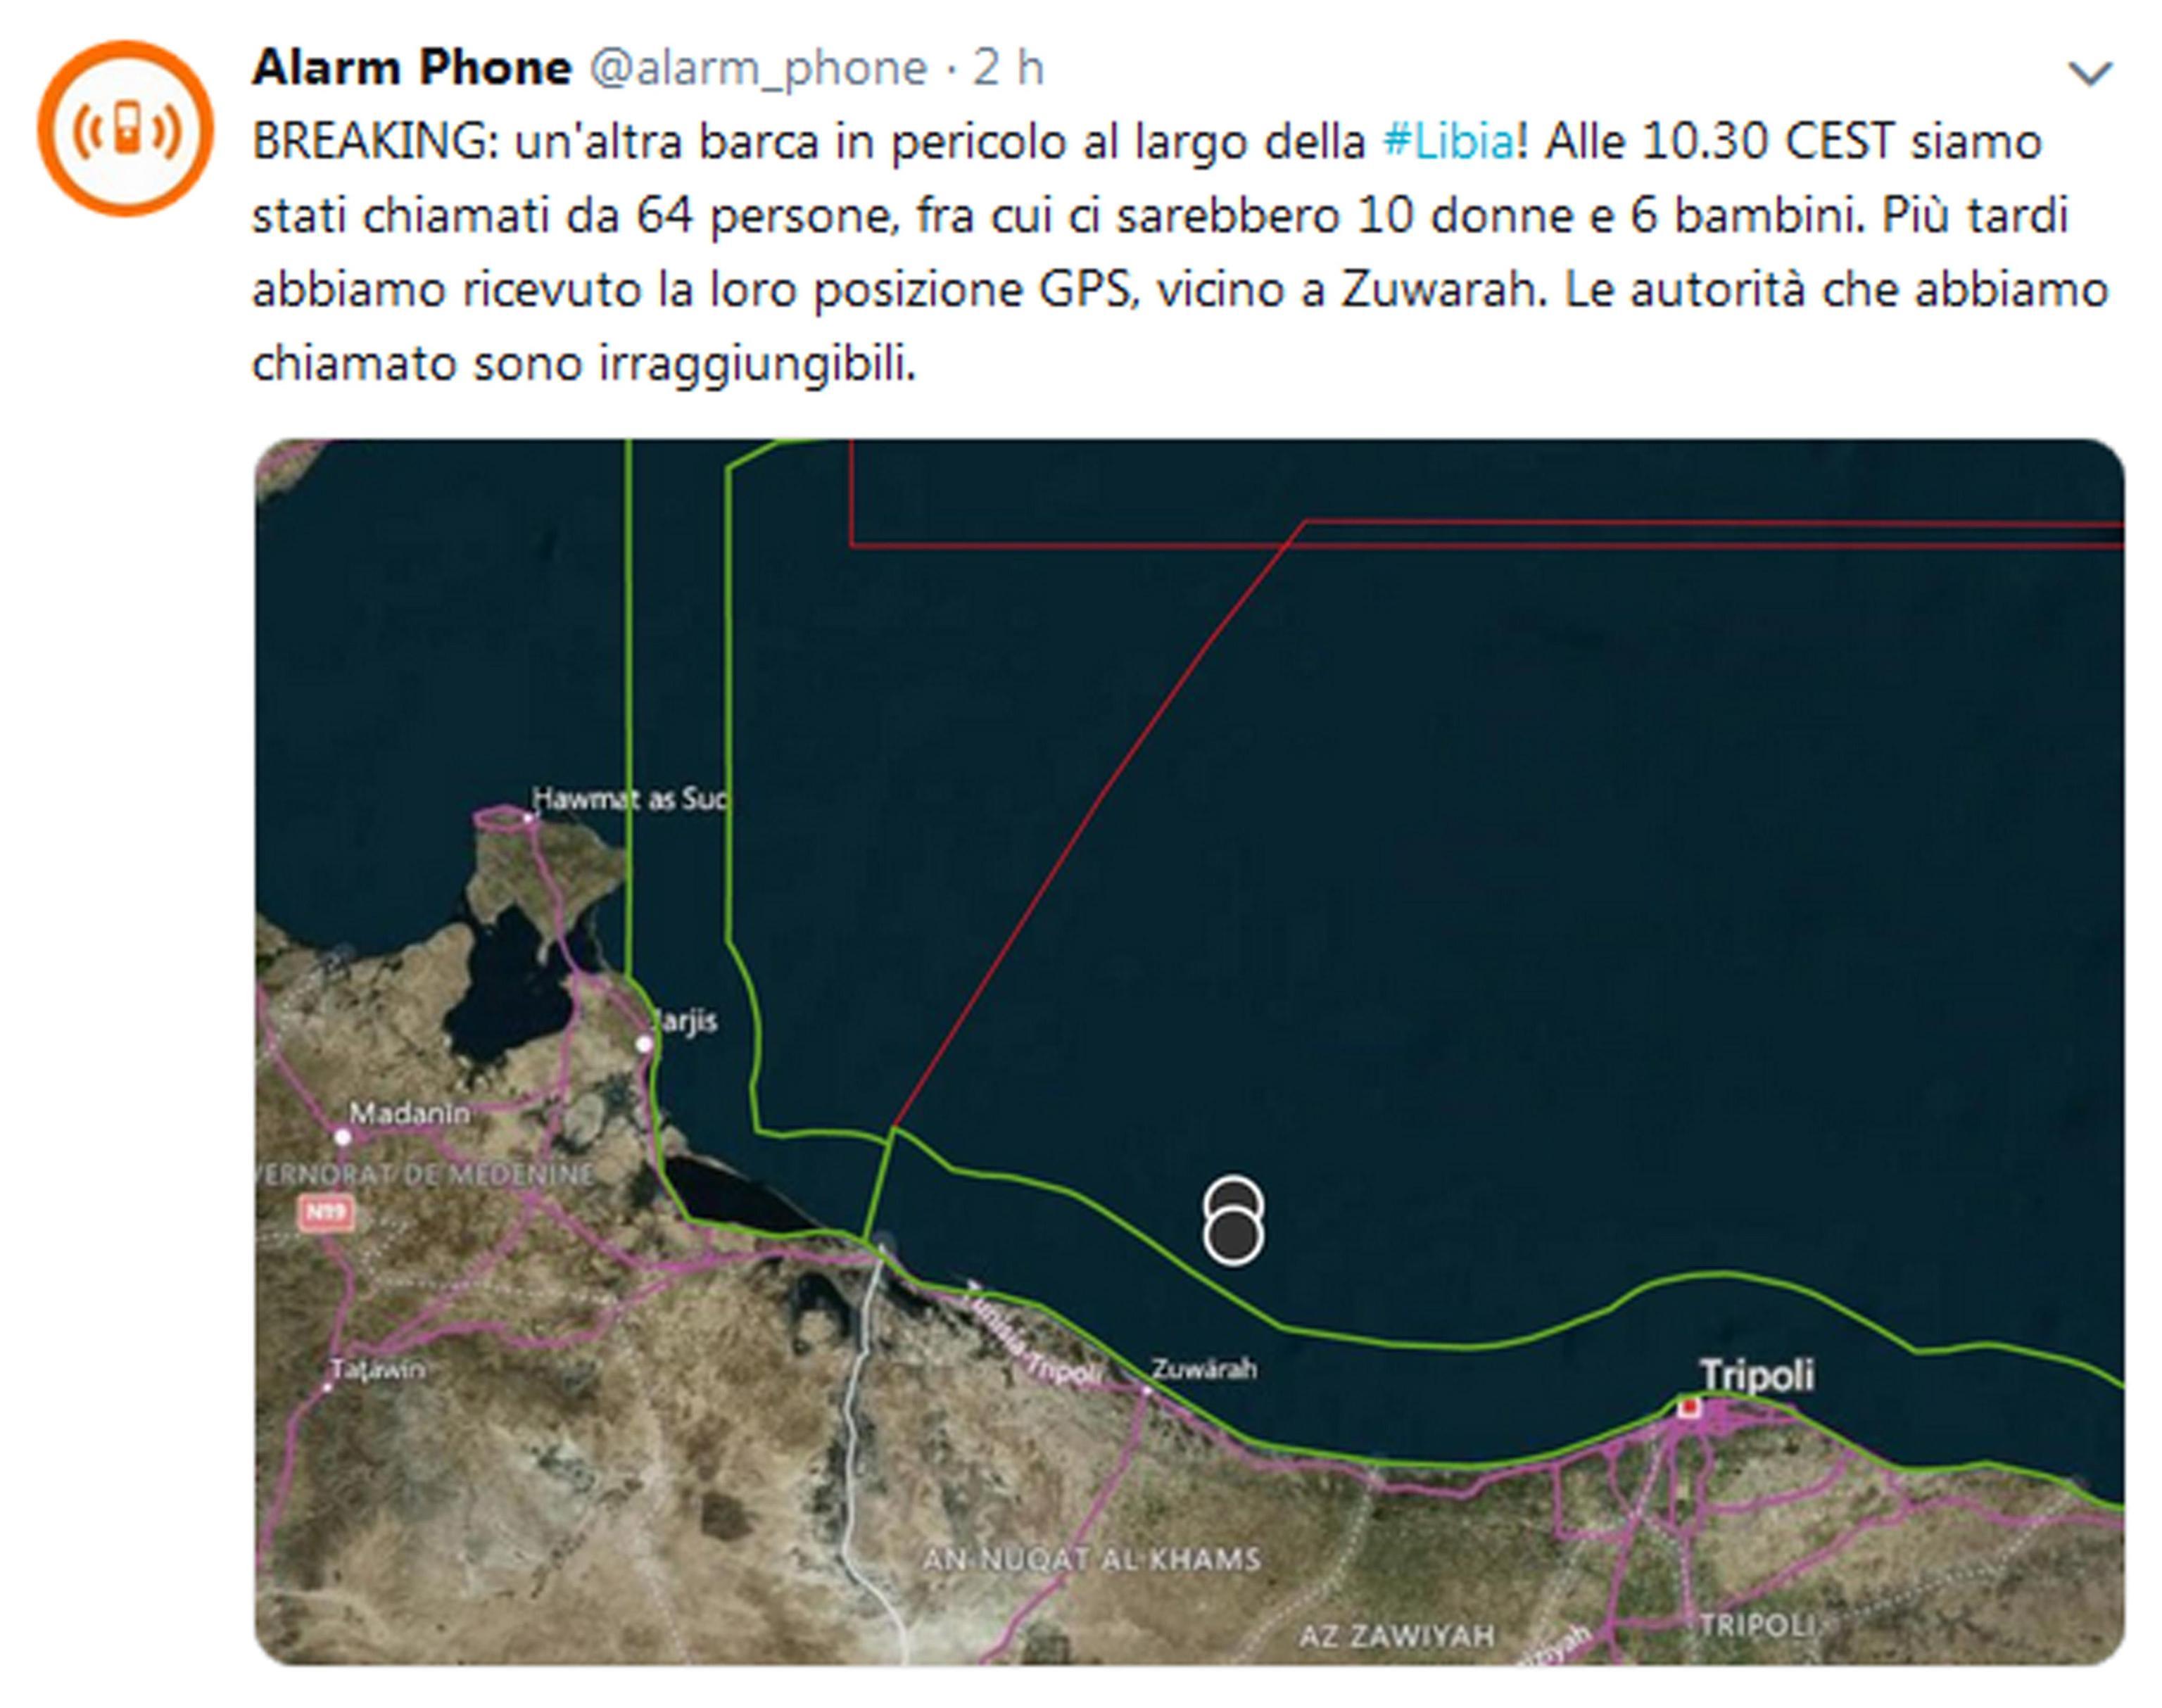 Il tweet di Alarm Phone: la Guardia costiera libica si è resa irreperibile. Anche perché in Libia è di nuovo guerra (via Ansa)